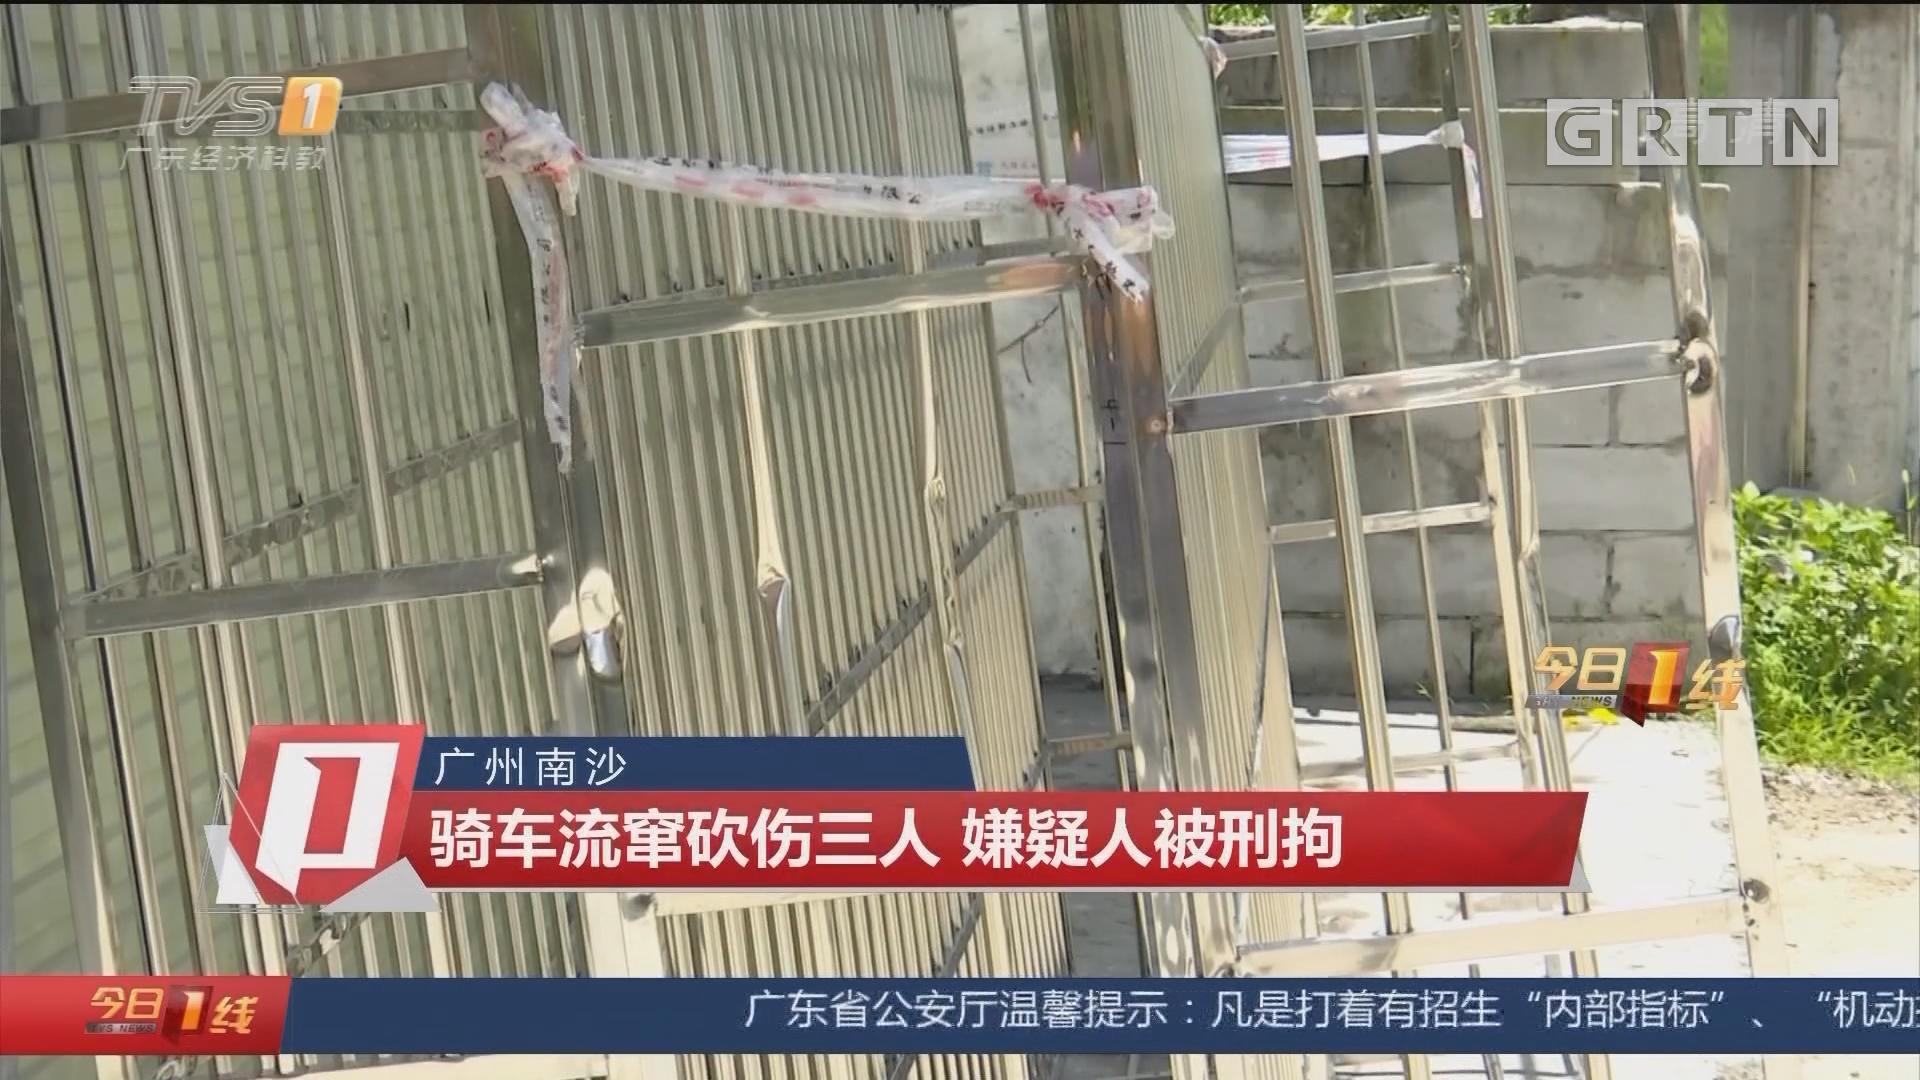 廣州南沙:騎車流竄砍傷三人 嫌疑人被刑拘